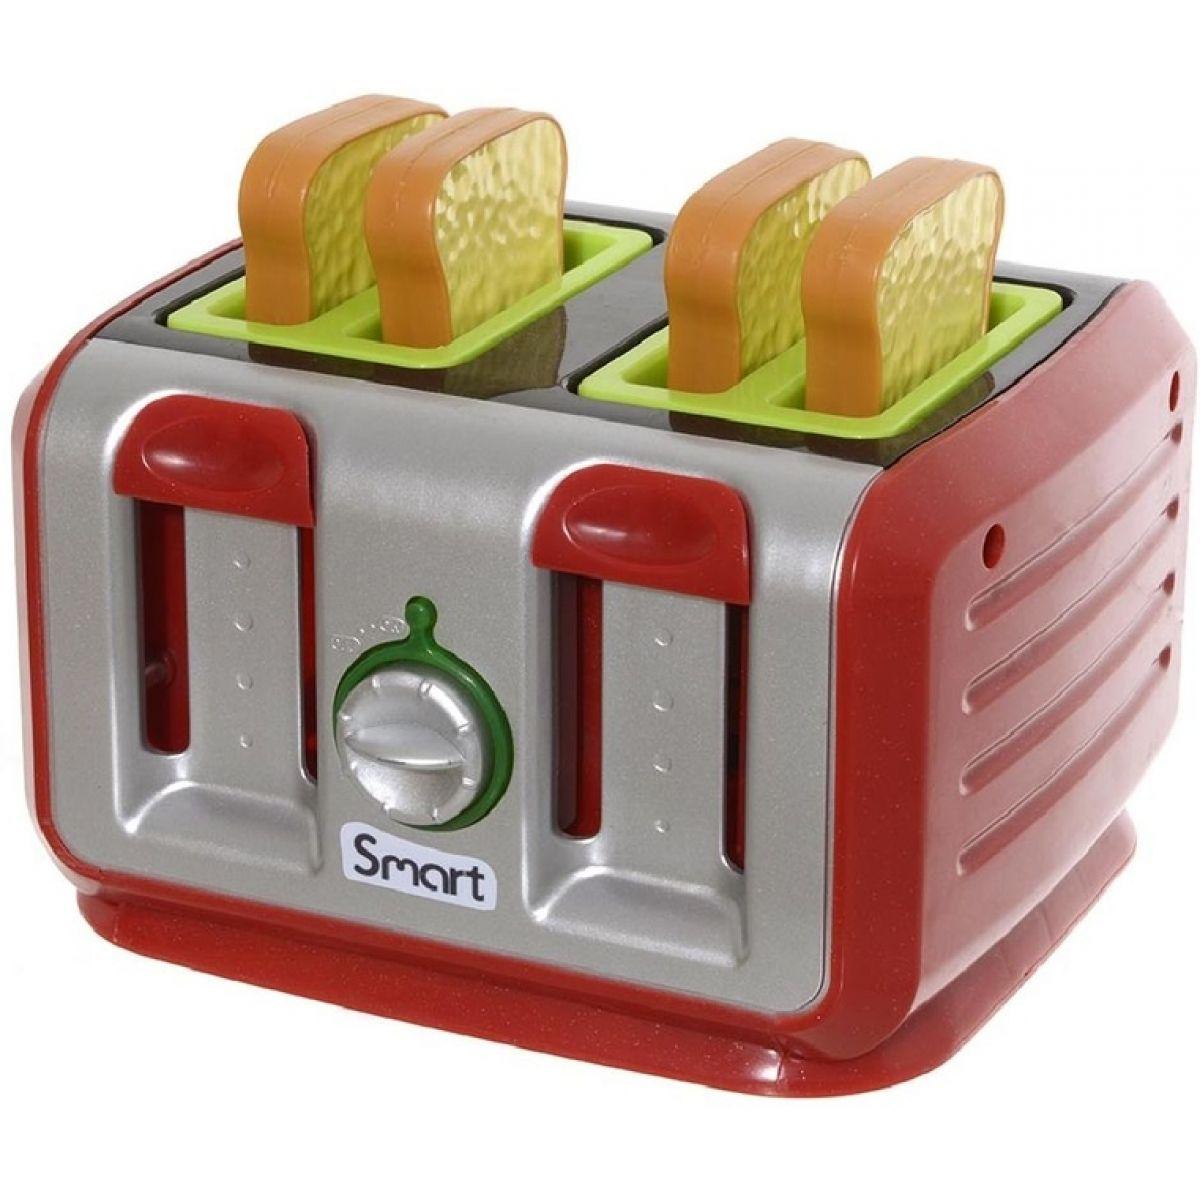 Toaster Smart - Poškozený obal